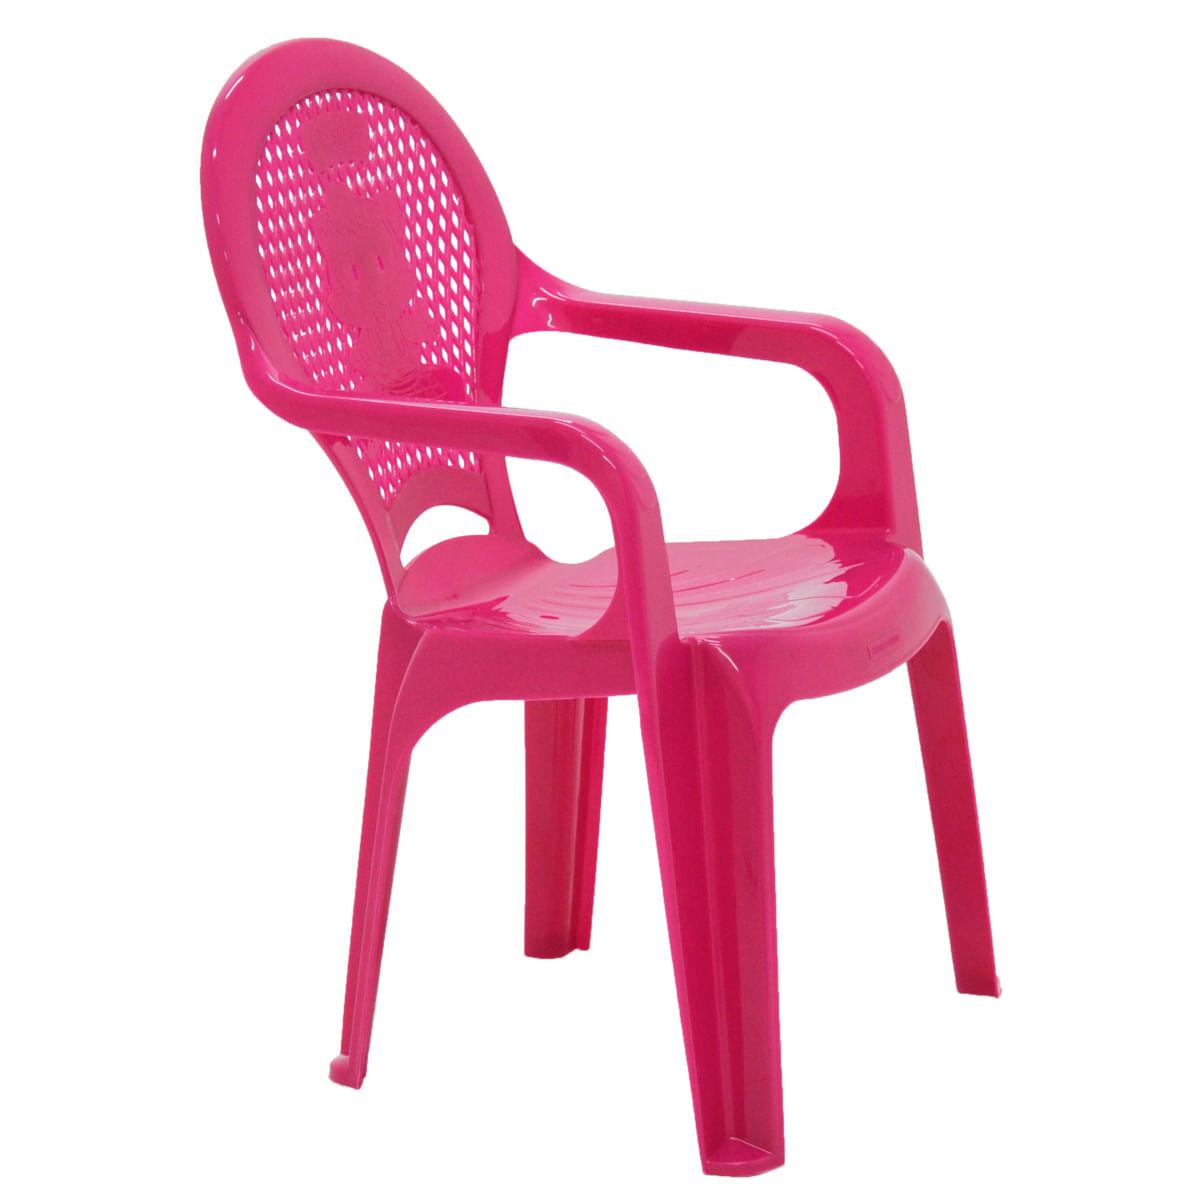 Cadeira Infantil Tramontina Catty Estampada em Polipropileno Rosa